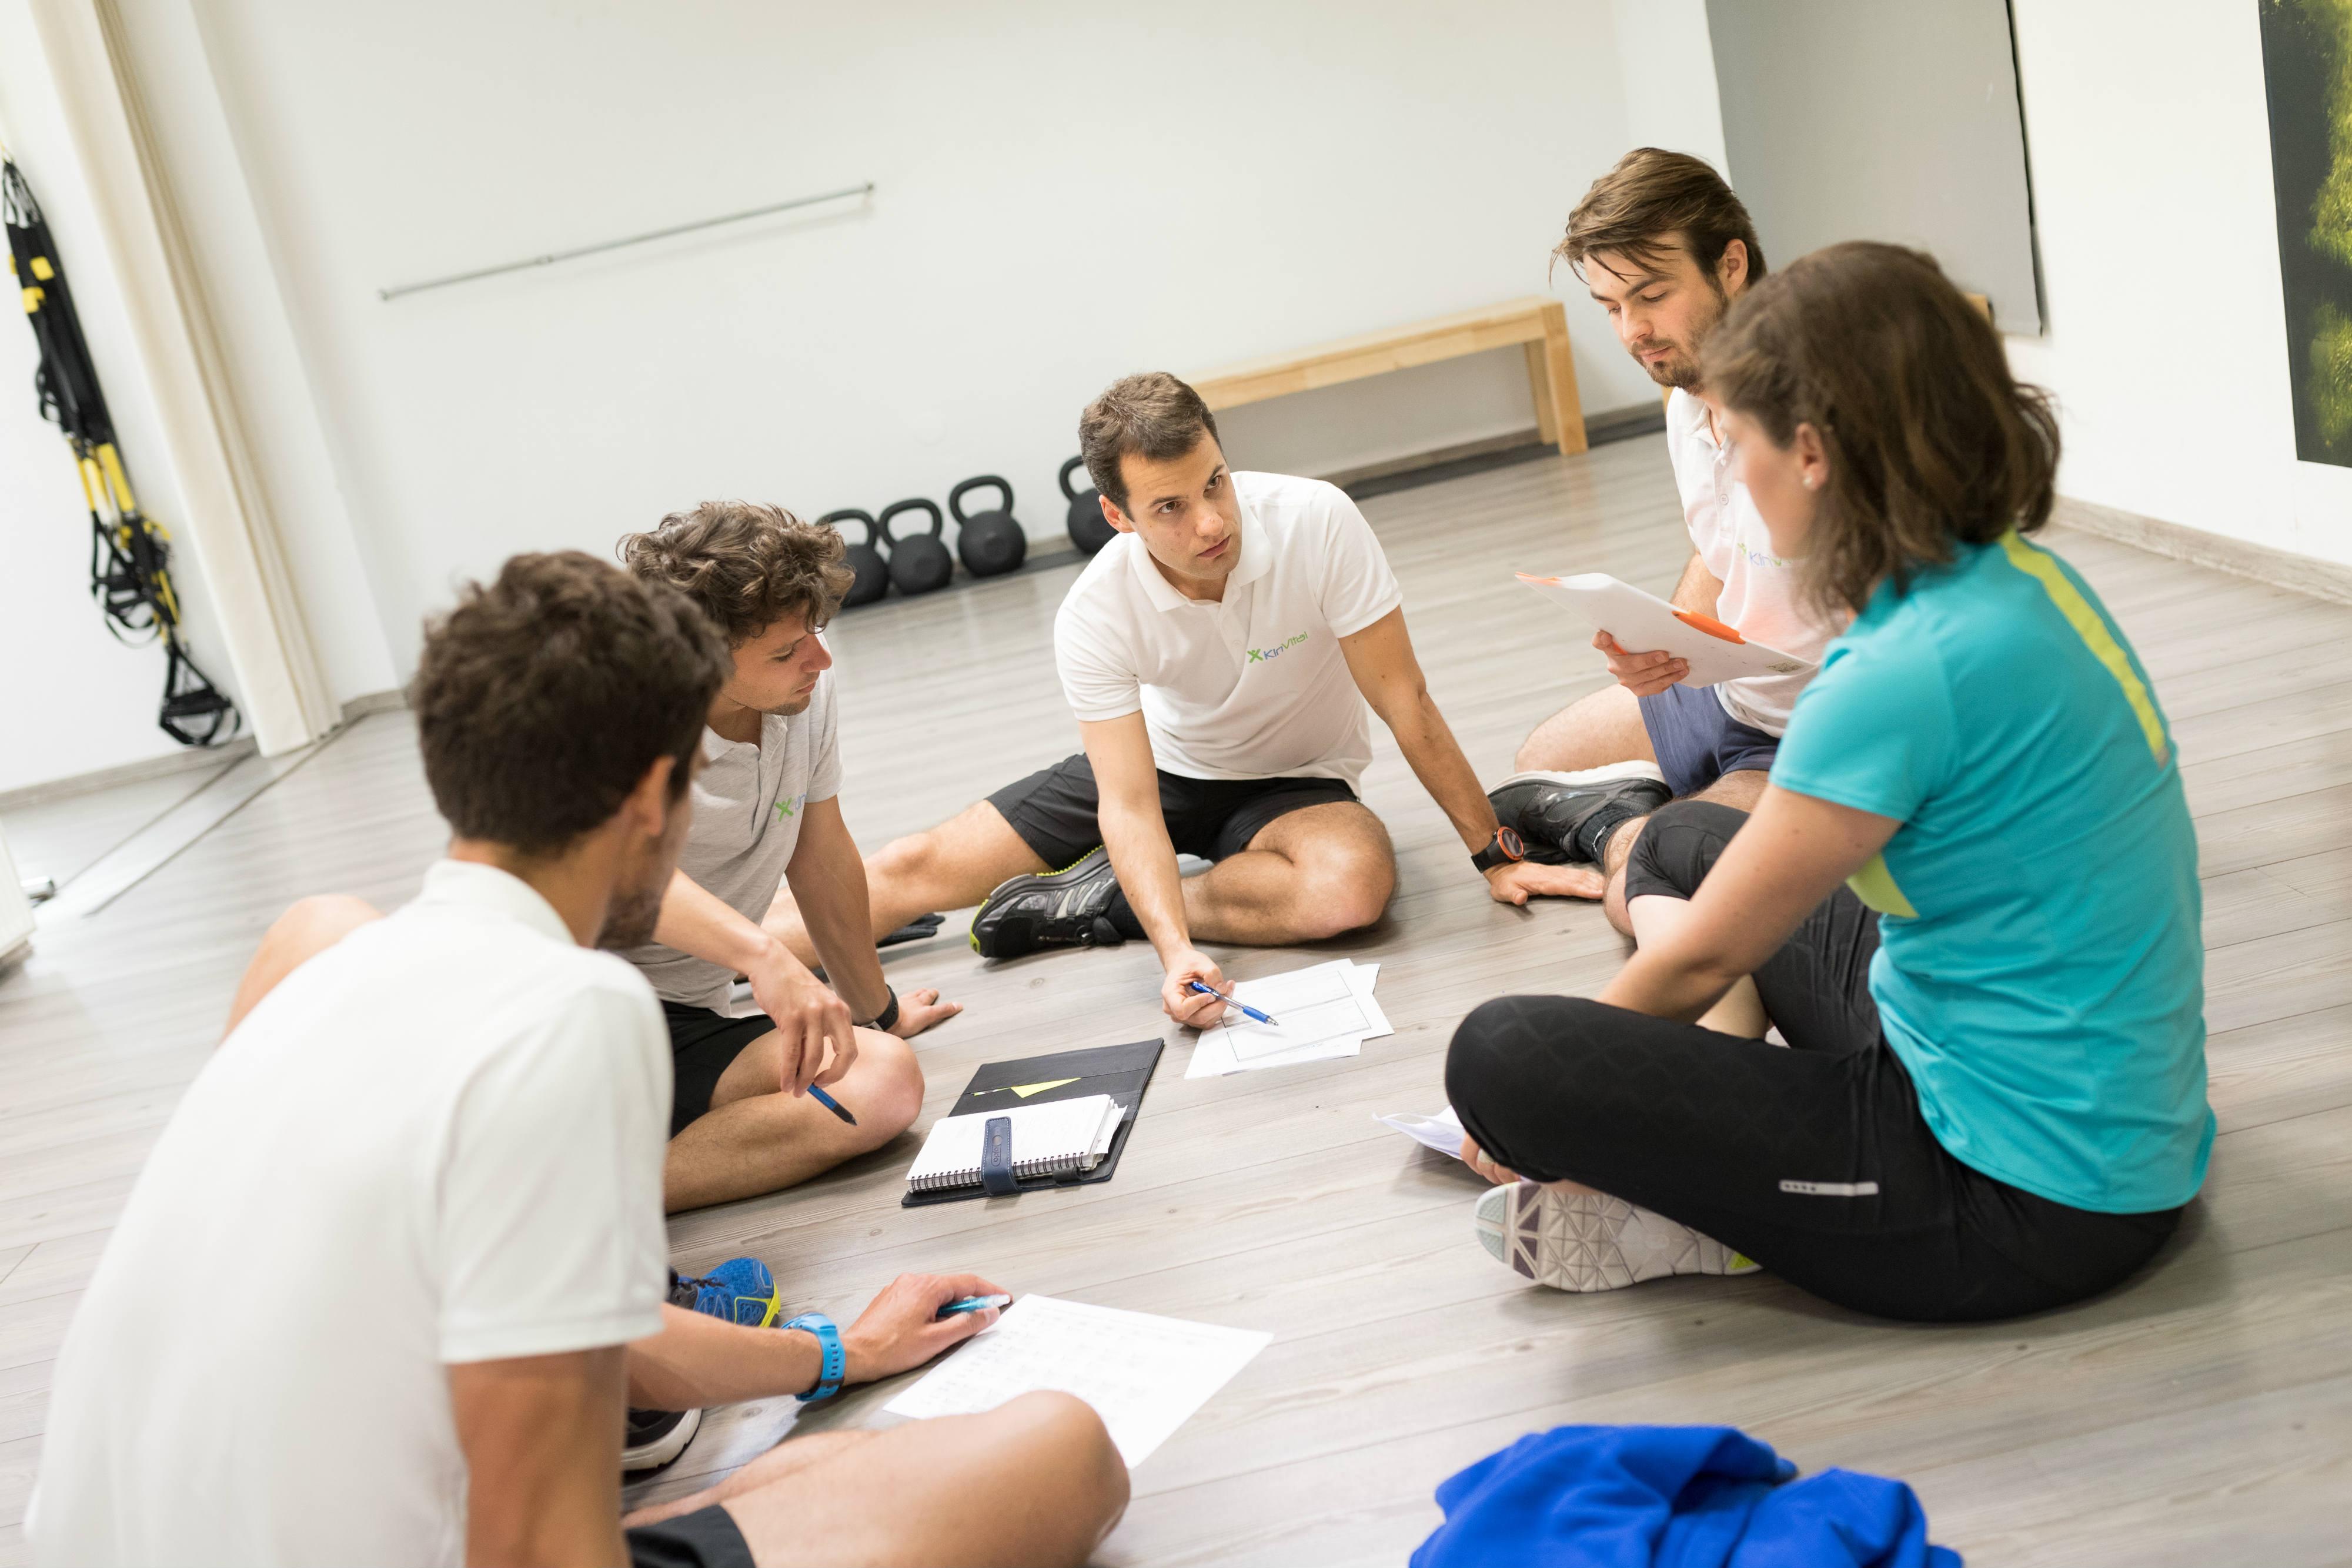 Ekipa-kineziologov-sestankuje